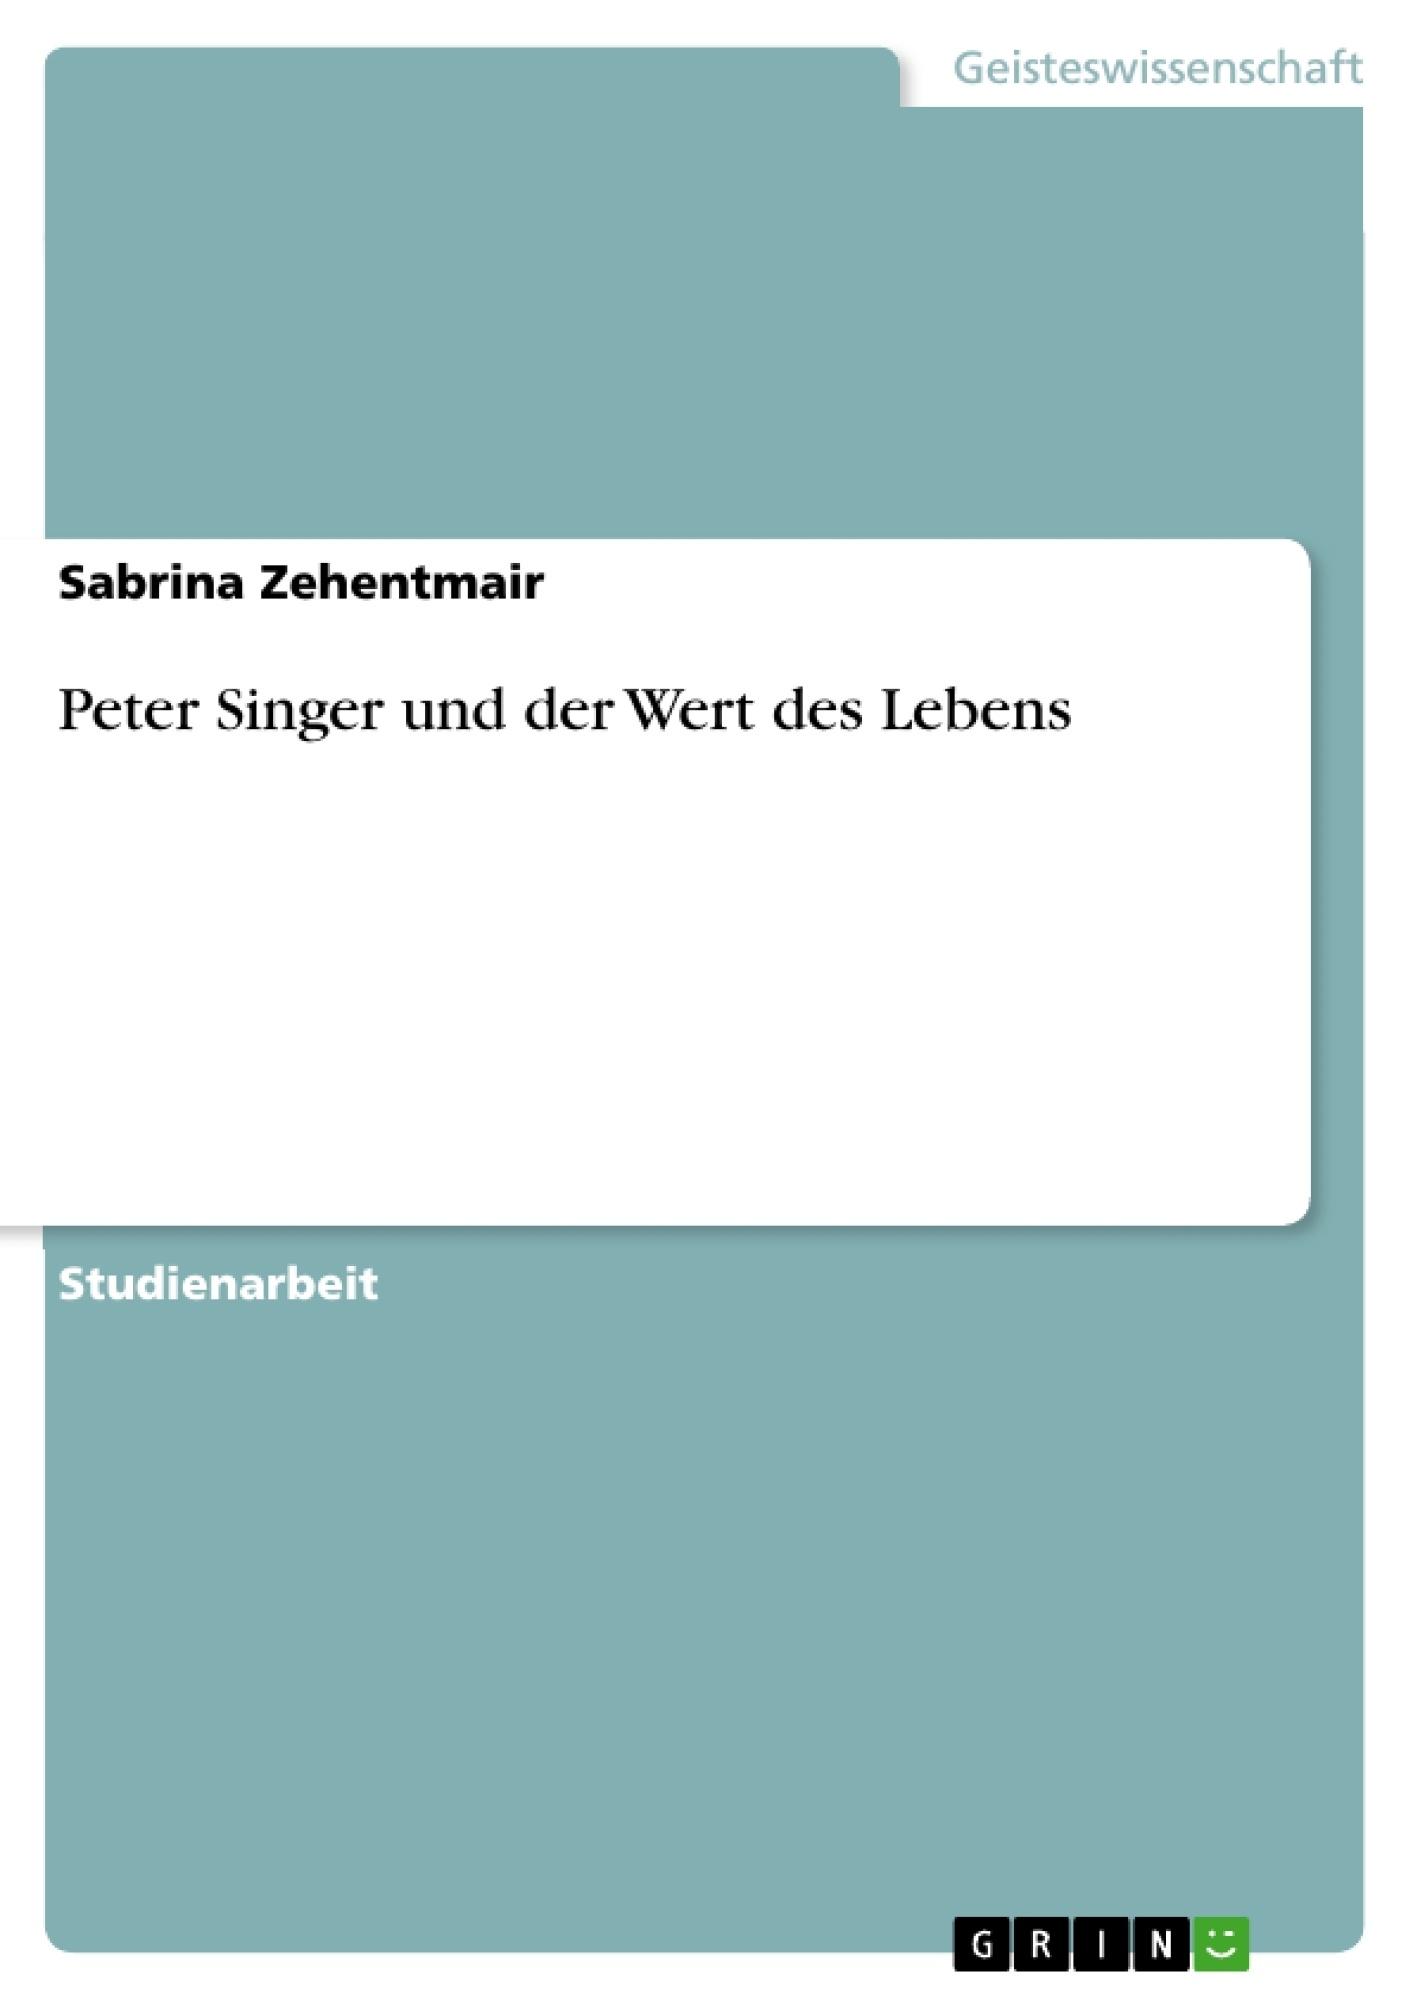 Titel: Peter Singer und der Wert des Lebens